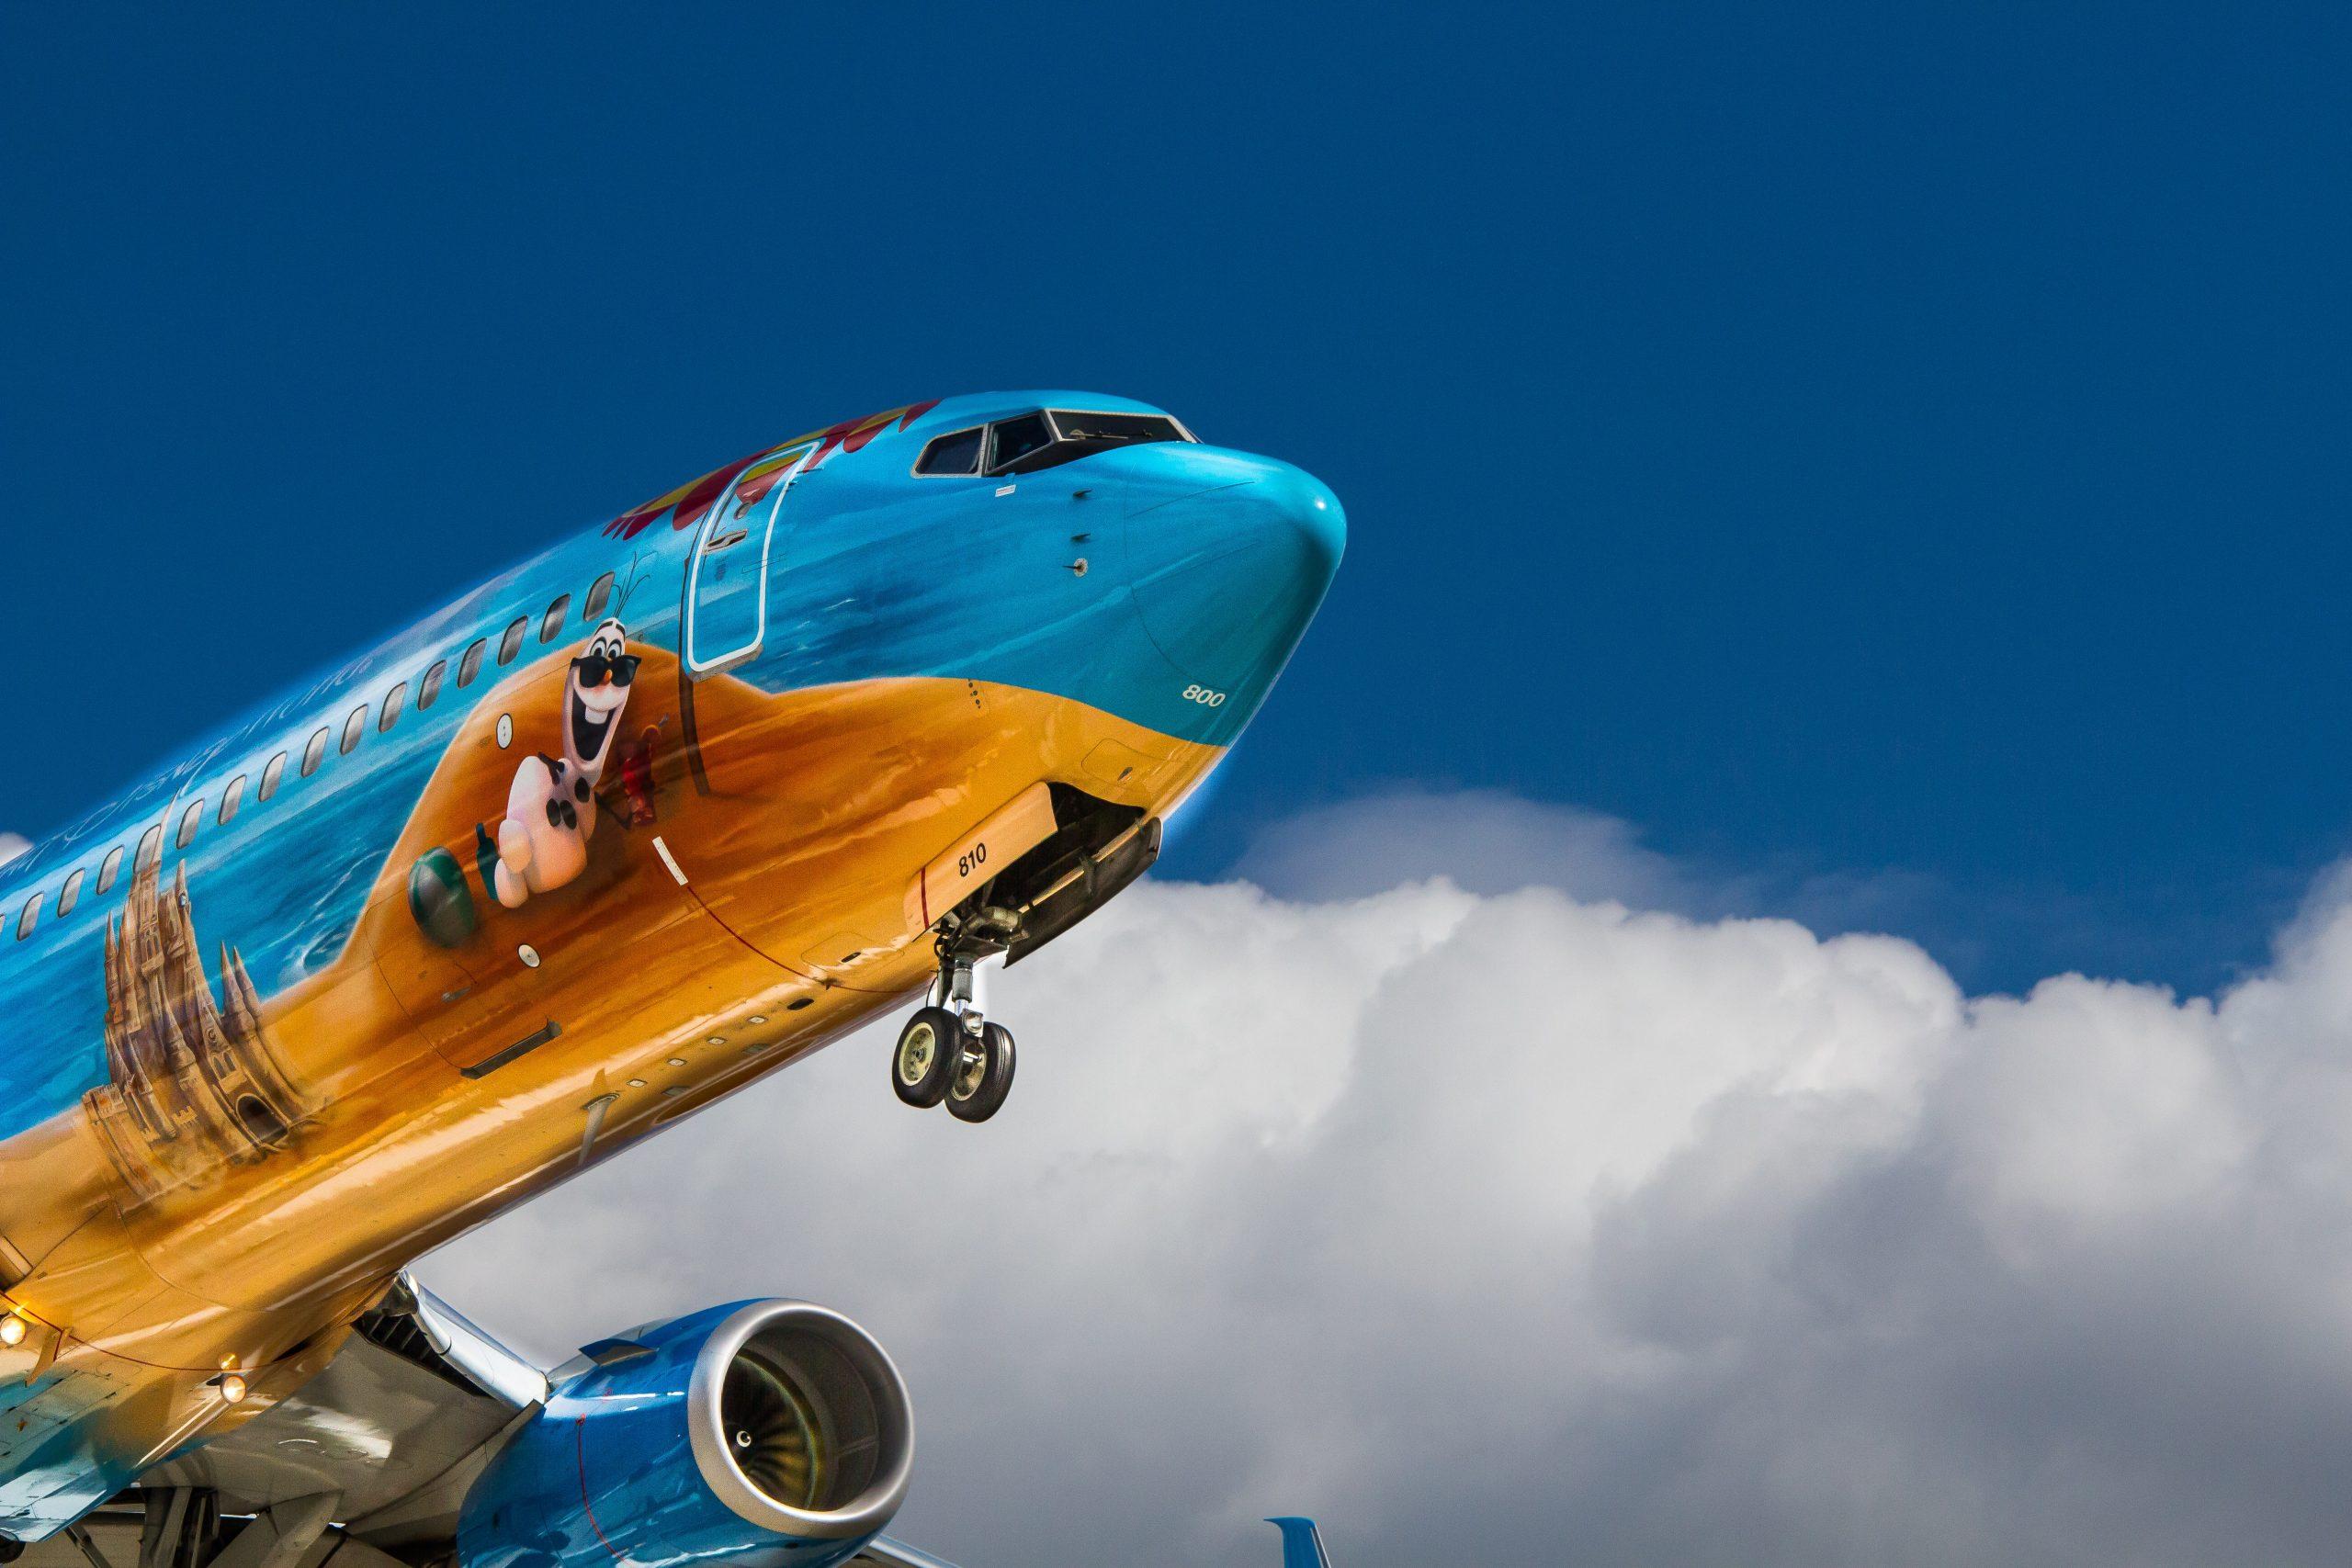 Fakten über Flugzeuge - Photo by Ethan McArthur on Unsplash